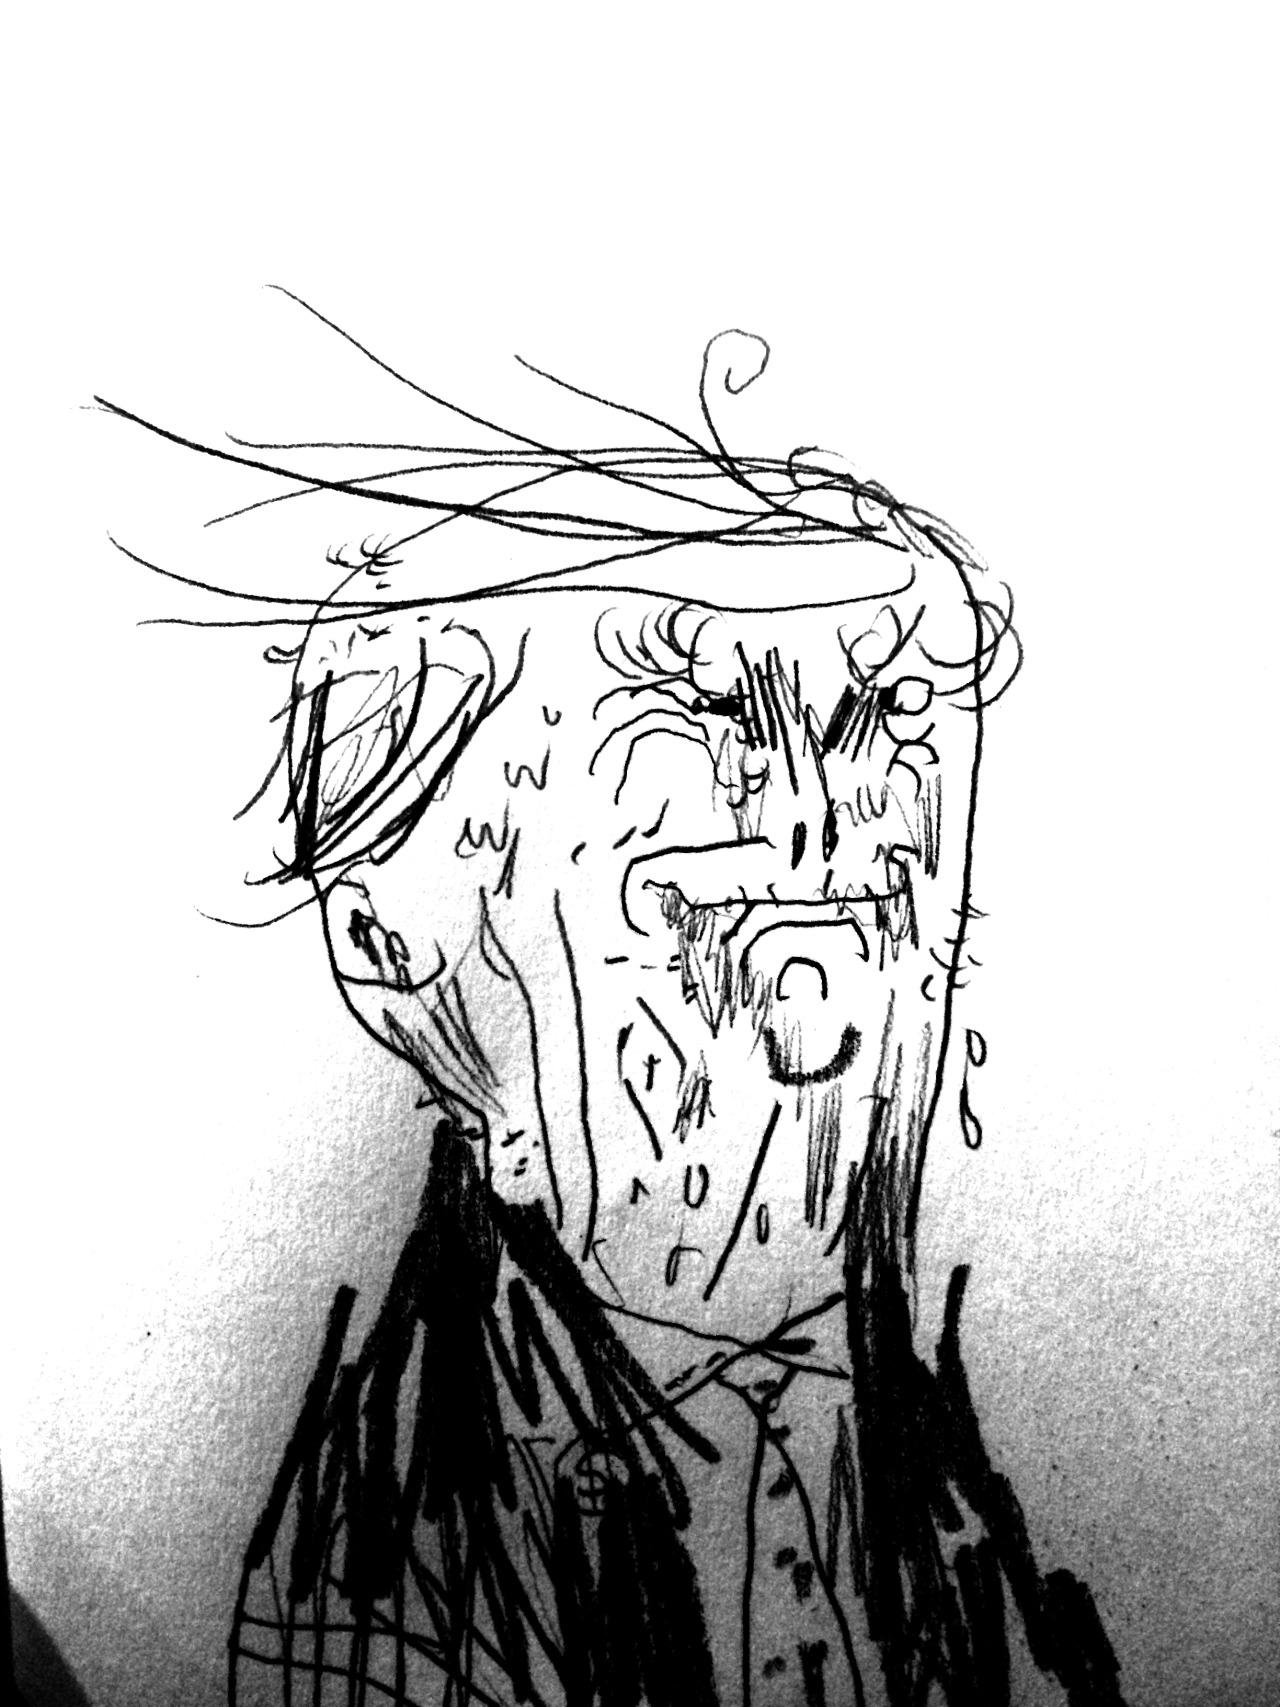 El primer dibujo de Craghead para el proyecto 'TrumpTrump' - Warren Craghead - Imagen: trumptrump.tumblr.com